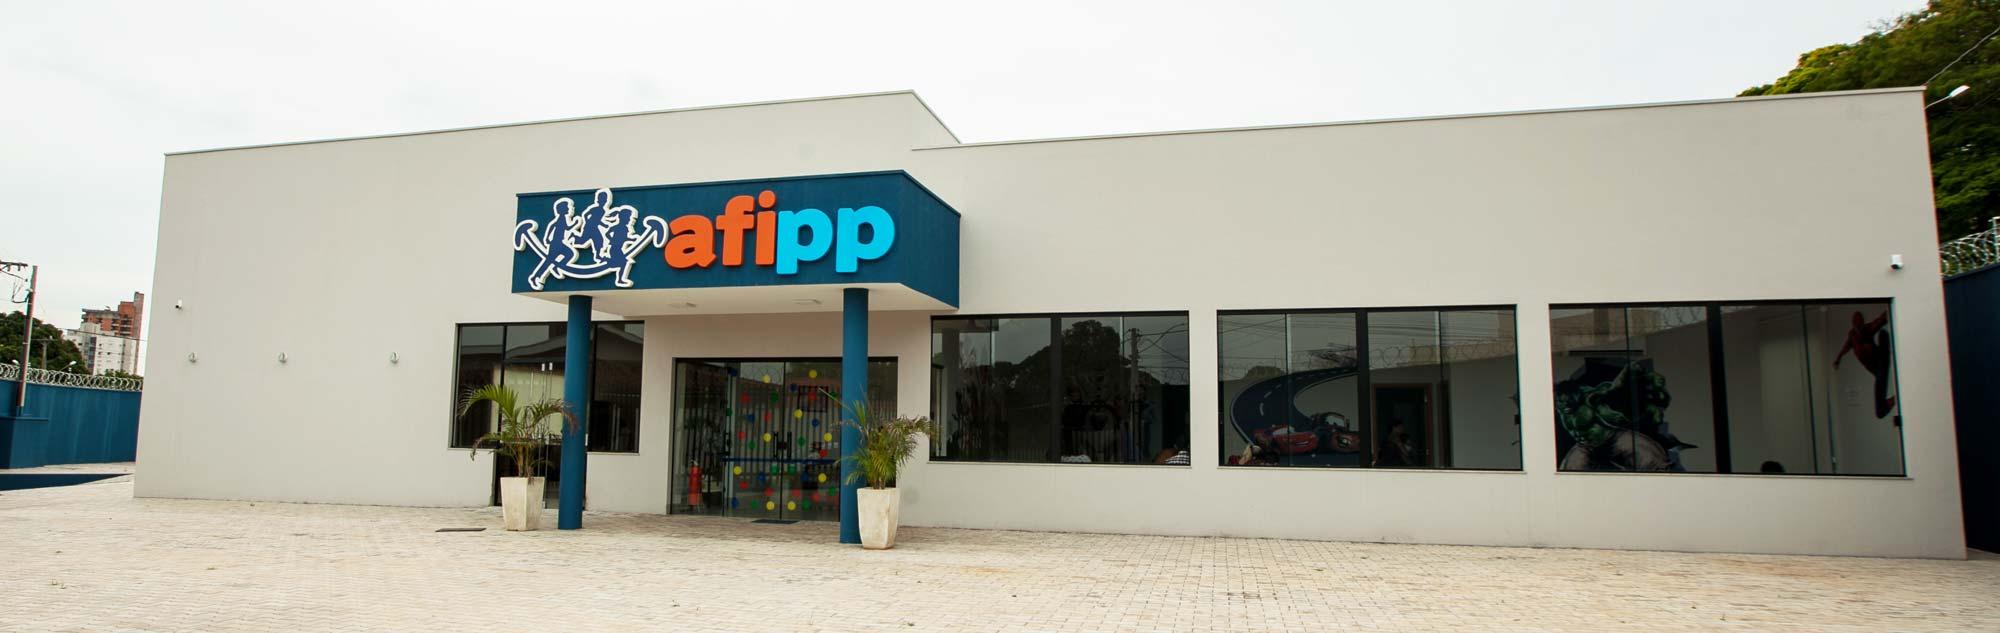 AFIPP Presidente Prudente